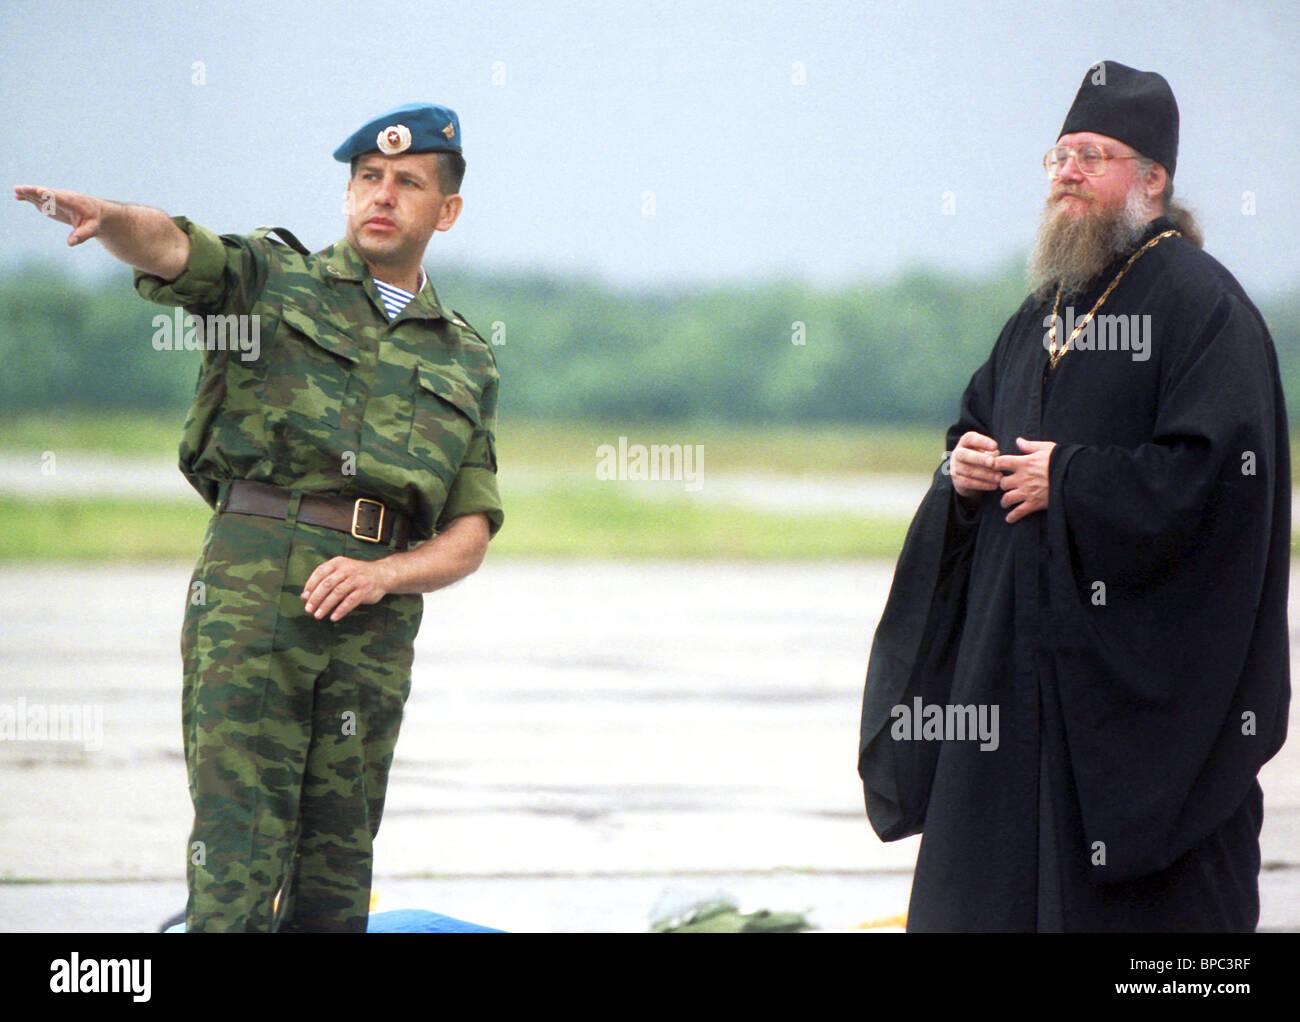 Gesetzentwurf zur Einführung des Posten des militärischen Priester vorbereitet durch die russische Generalstaatsanwaltschaft Stockbild